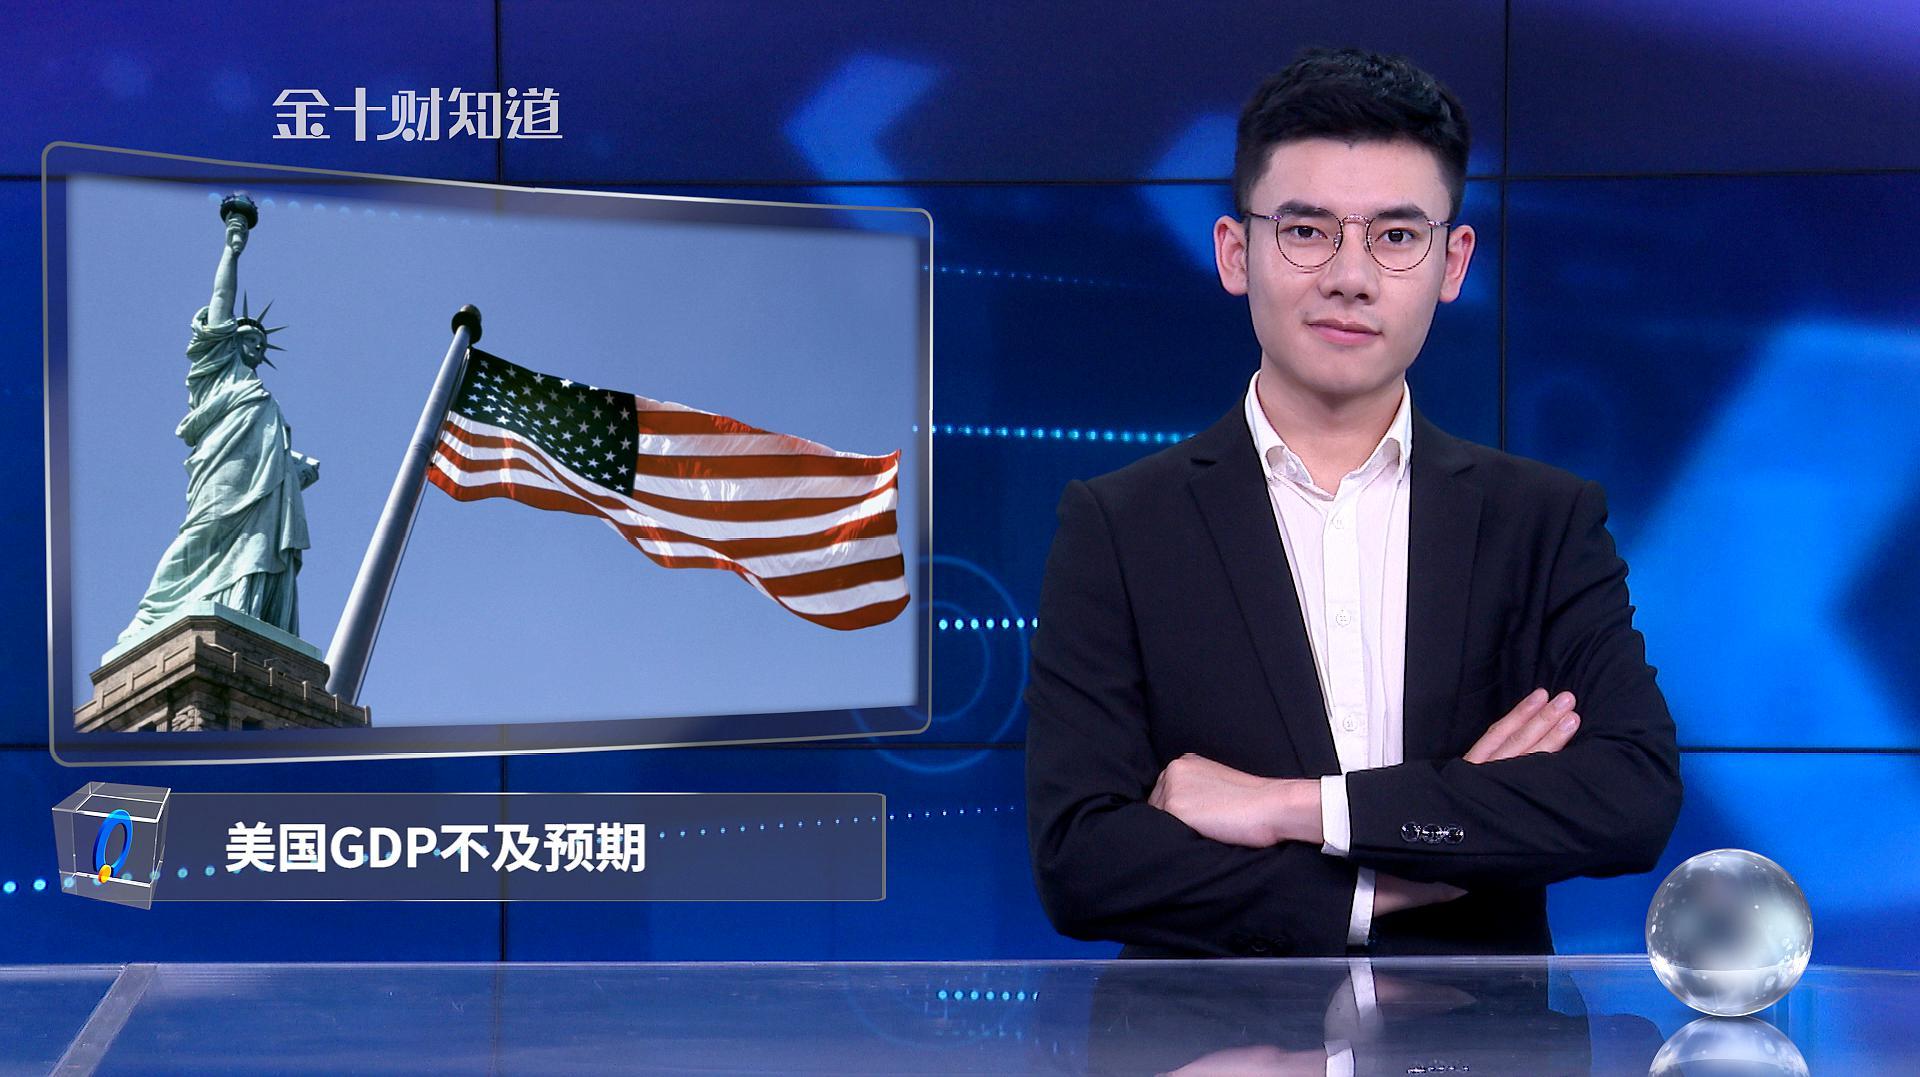 与中国差距越来越小?刚刚!美国公布最新GDP数据!